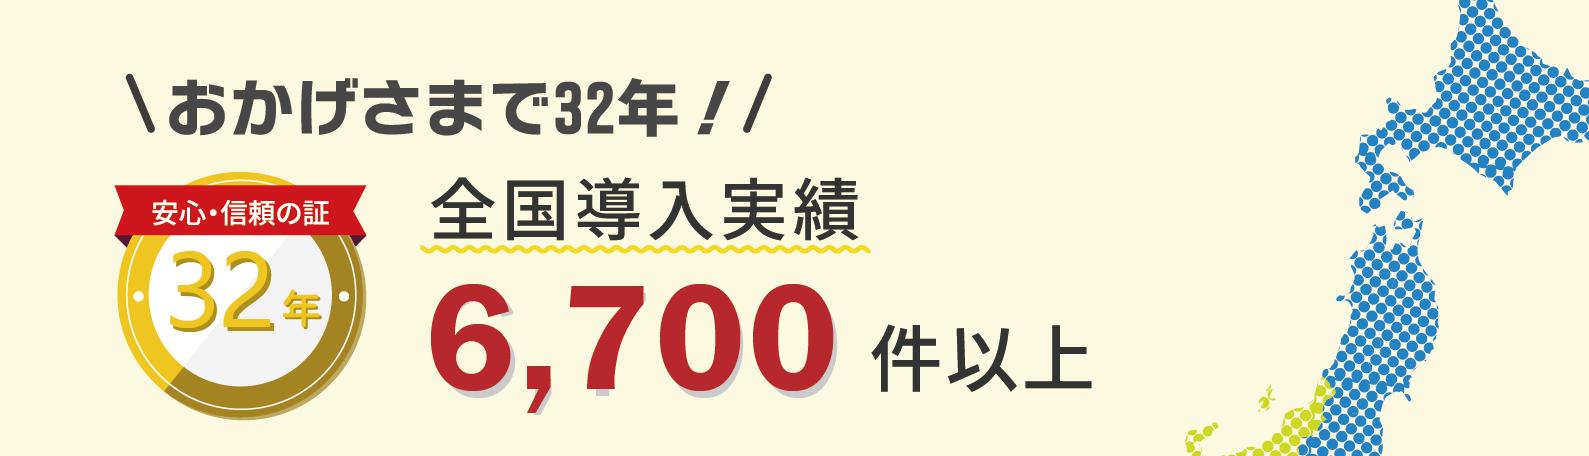 おかげさまで32年 全国導入実績6,700件以上